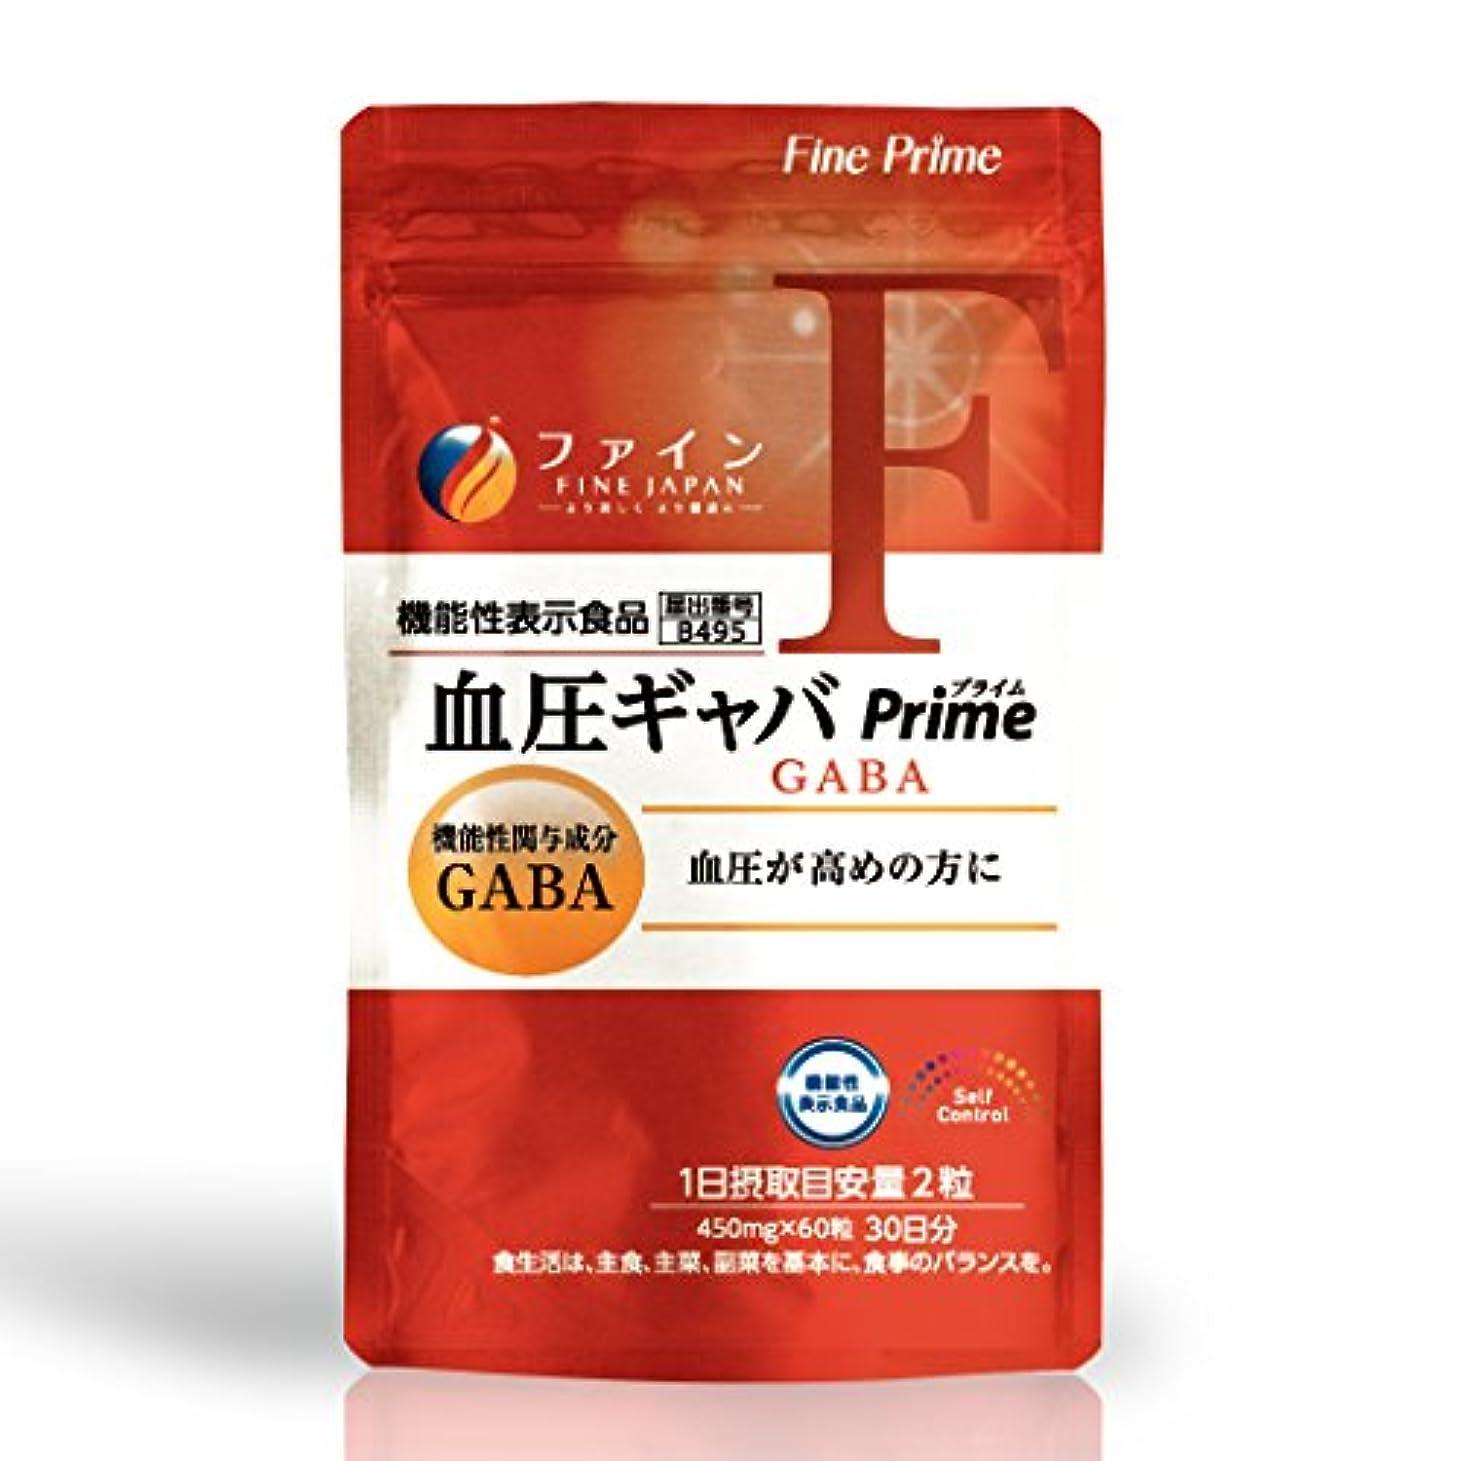 ストレージゴミ箱を空にする取り消す[機能性表示食品] ファイン 血圧ギャバprime 血圧が高めの方に GABA20mg配合 30日分(1日2粒/60粒入)